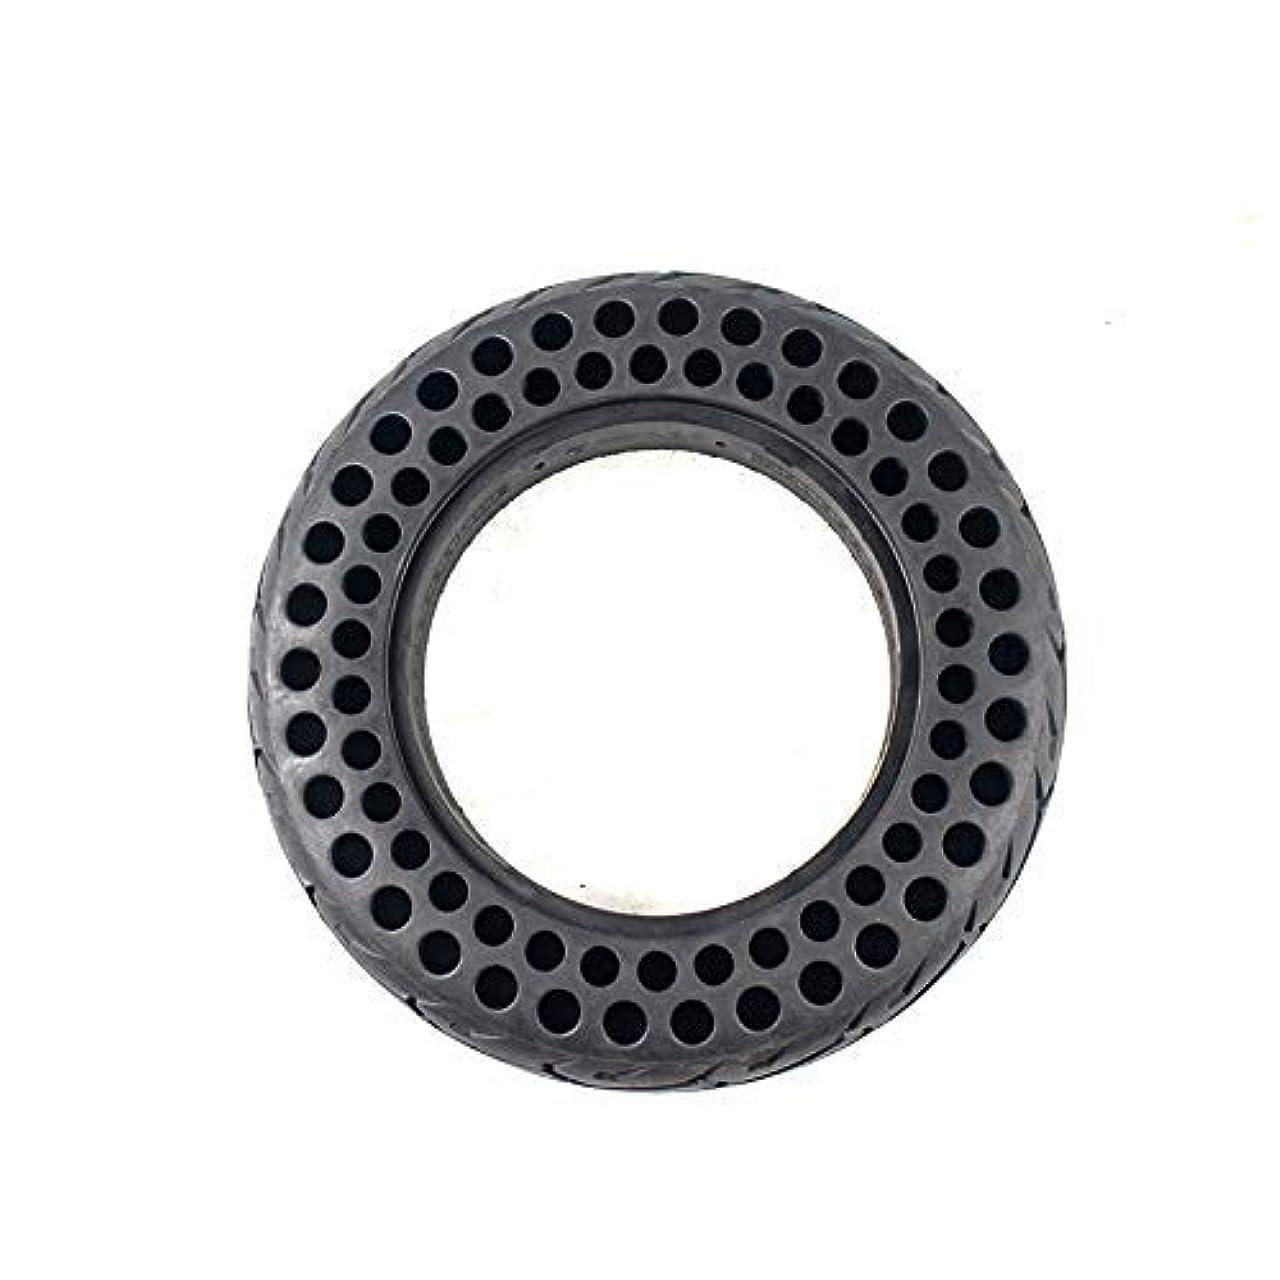 たくさんの動機付ける基準DBSCD 10 ''非インフレータブルタイヤ10x2.0ハニカム汚れホイールタイヤソリッドタイヤdiy for 10x2 / 2.125 / 2.25 10x2.50ホイール電動スクーター